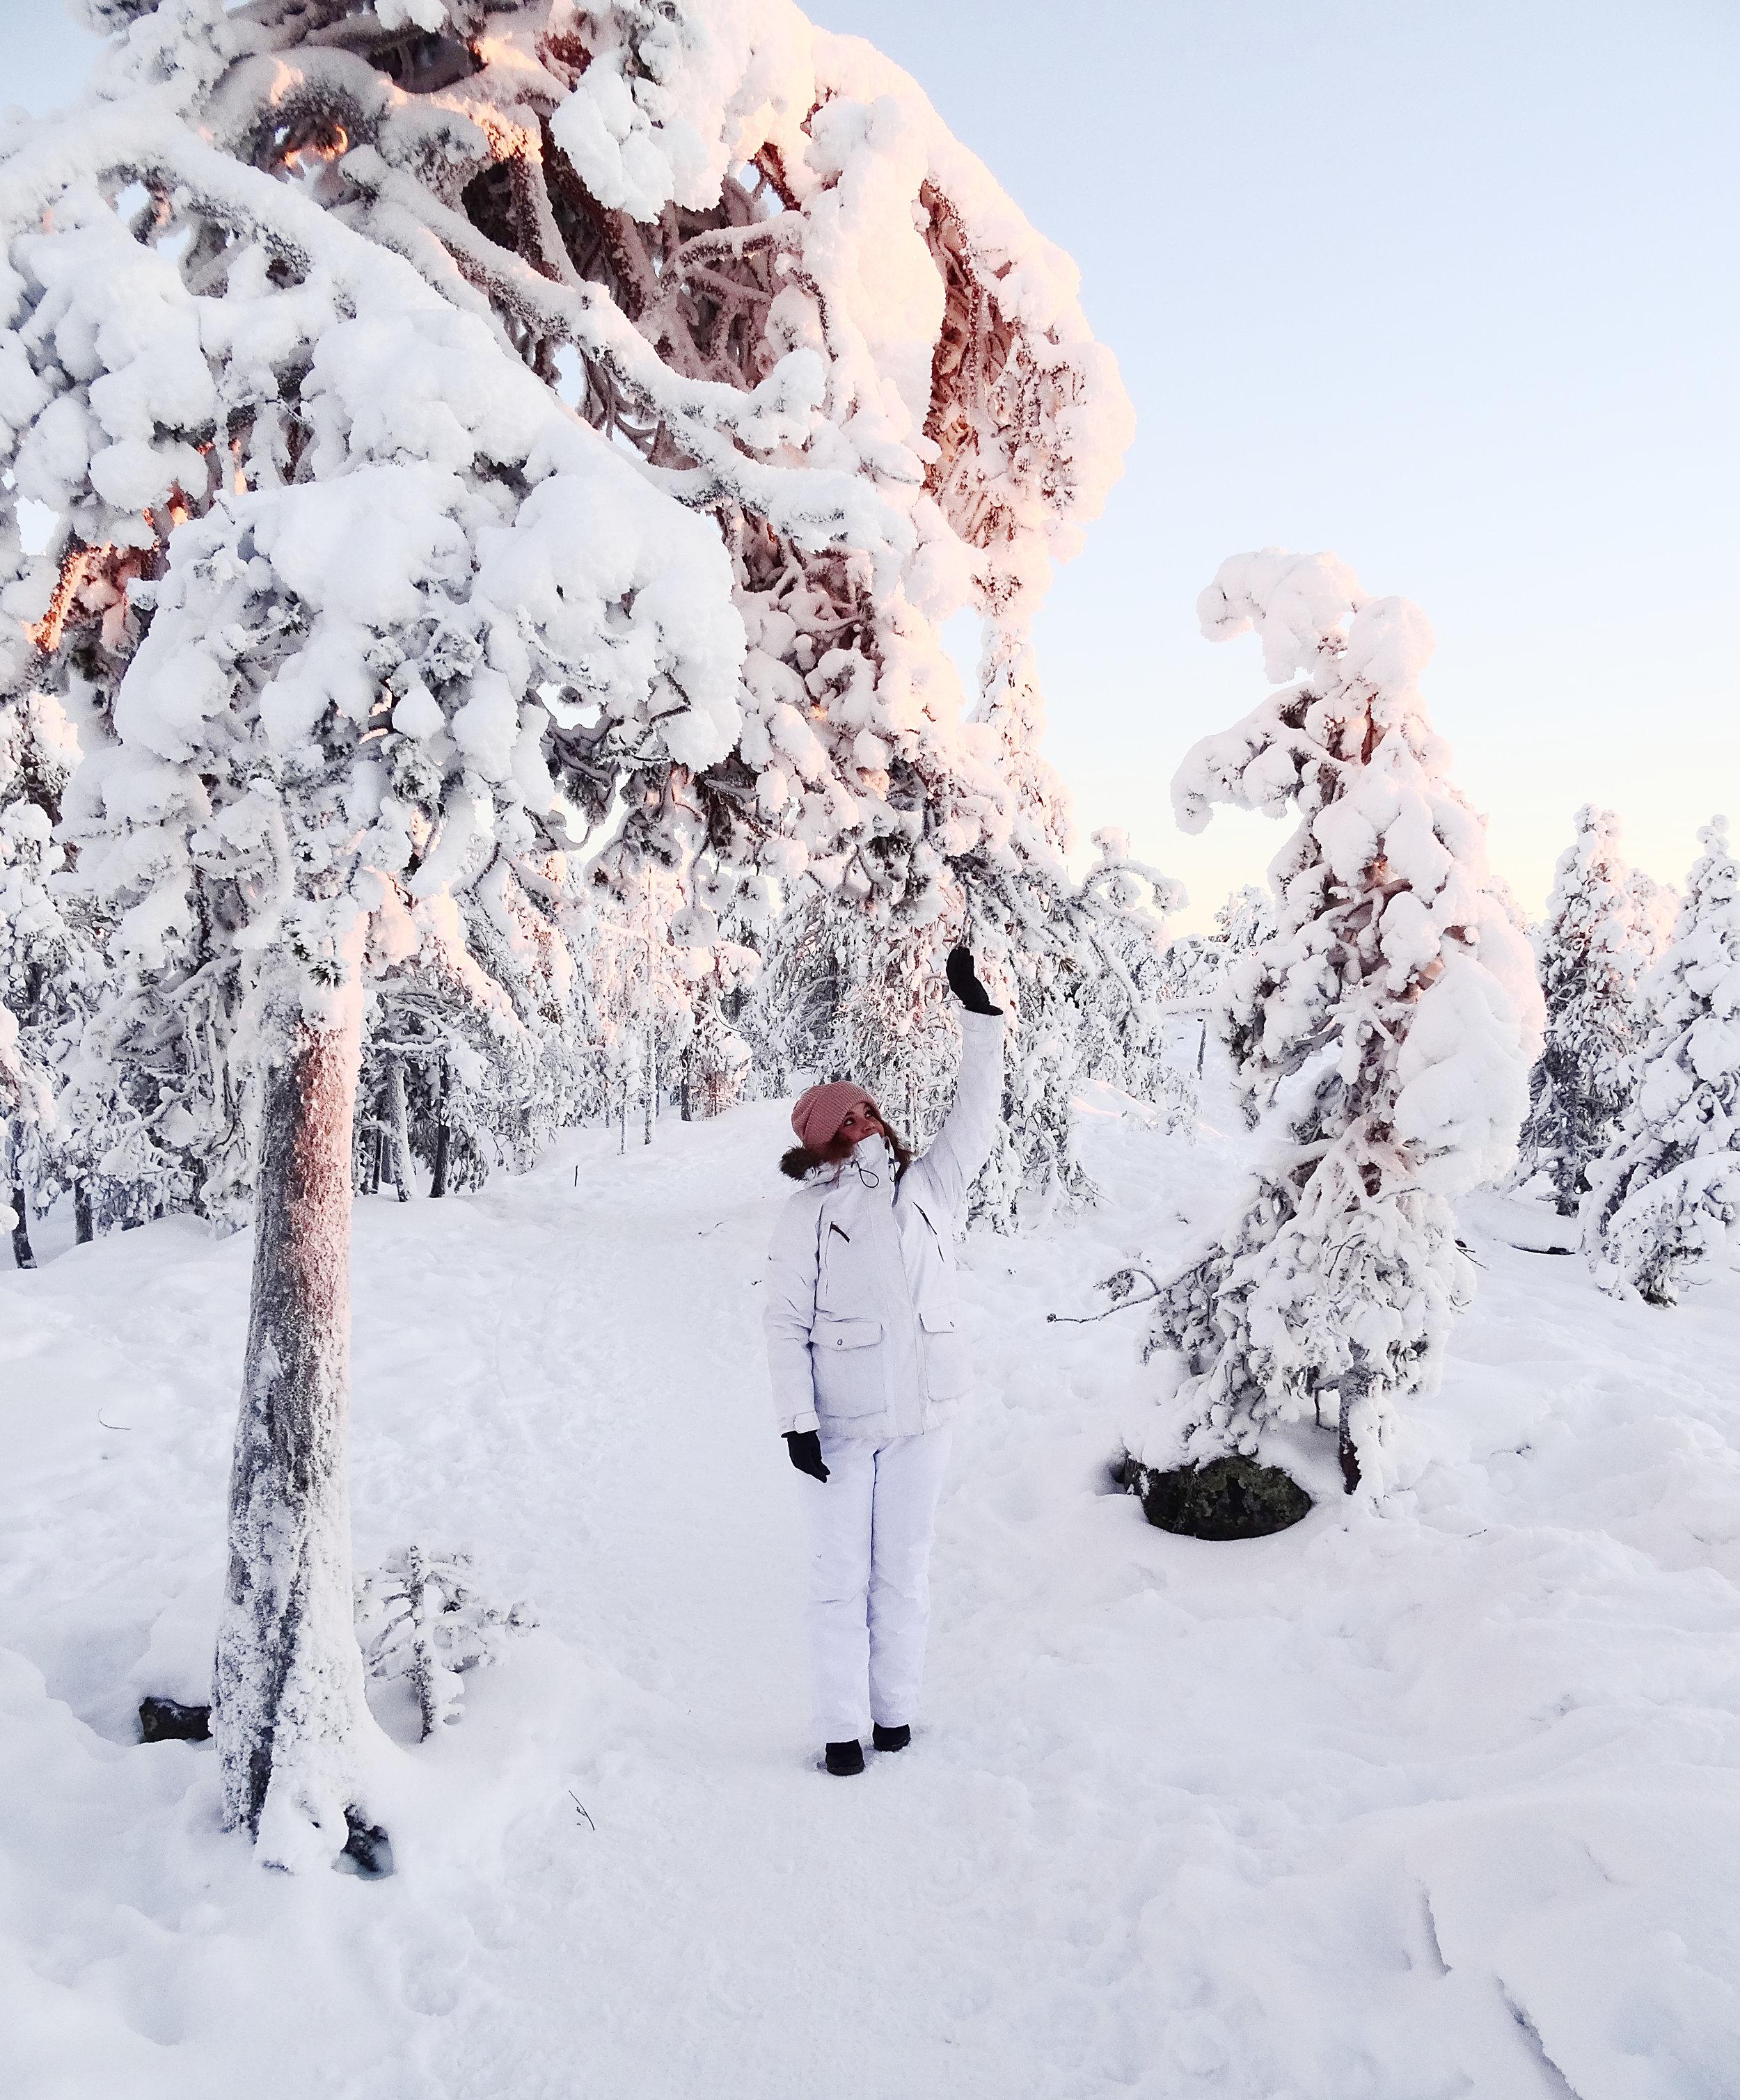 rovaniemi-lappi-lumi-tykkypuu-ounasvaara-matkablogi-mona-kajander.jpg